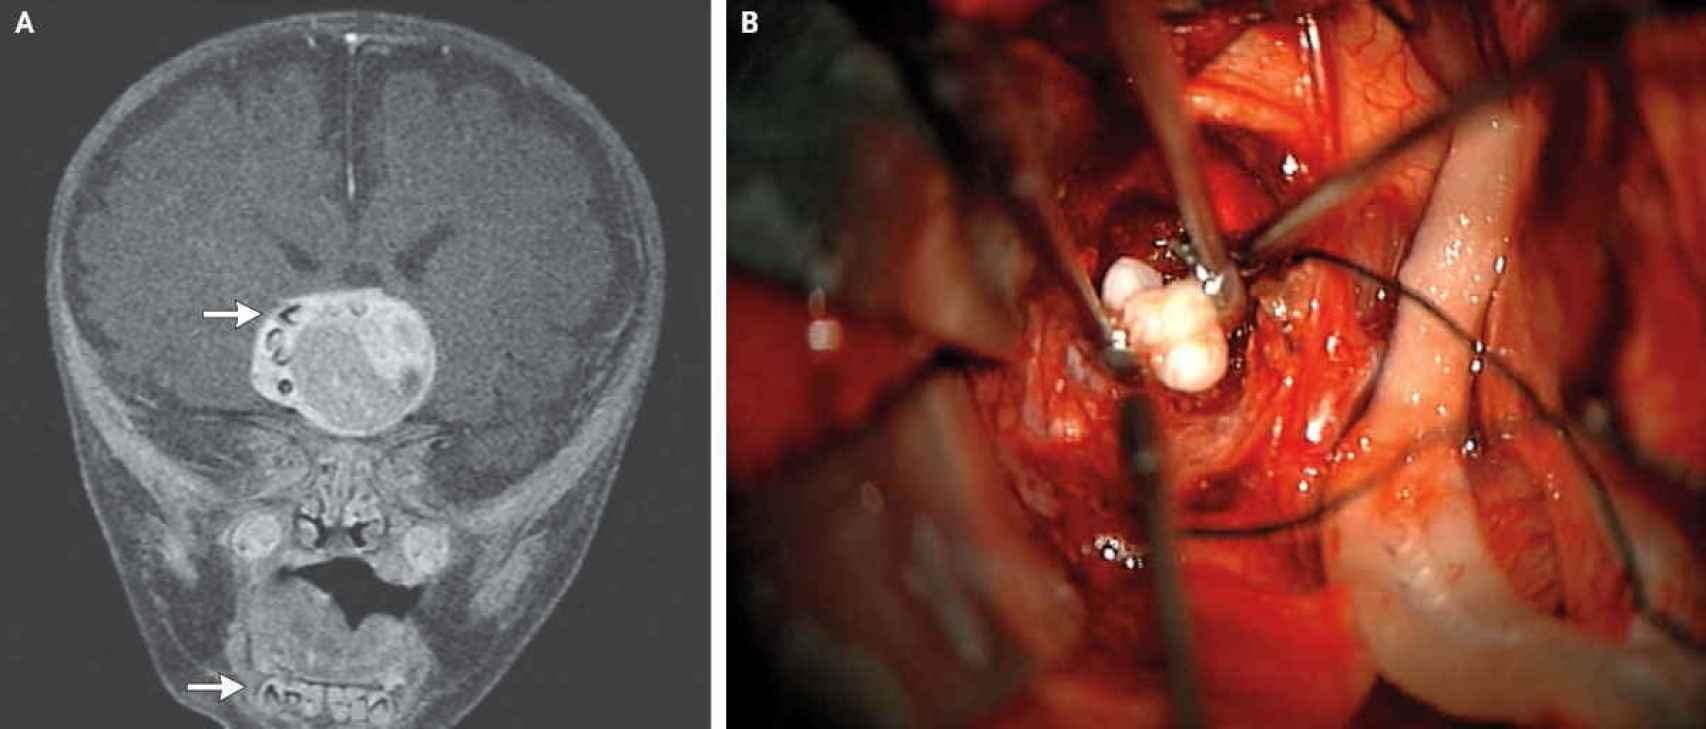 Un craneofaringioma en el cerebro.